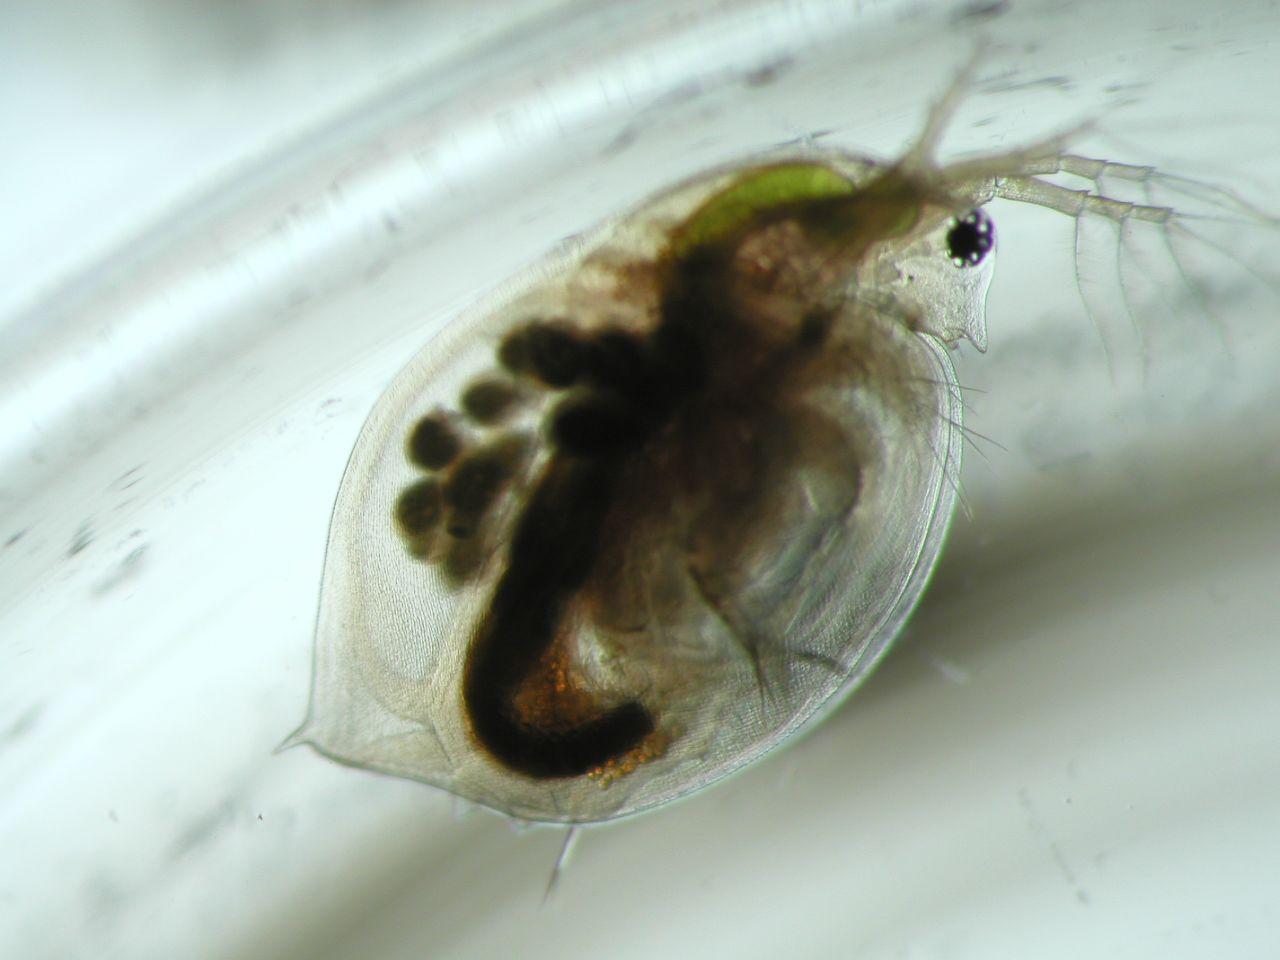 Ein Wasserfloh in einem Glasgefäß von ganz nah photographiert. sein Körper ist durchsichtig, sodass man sein Inneres sehen kann.